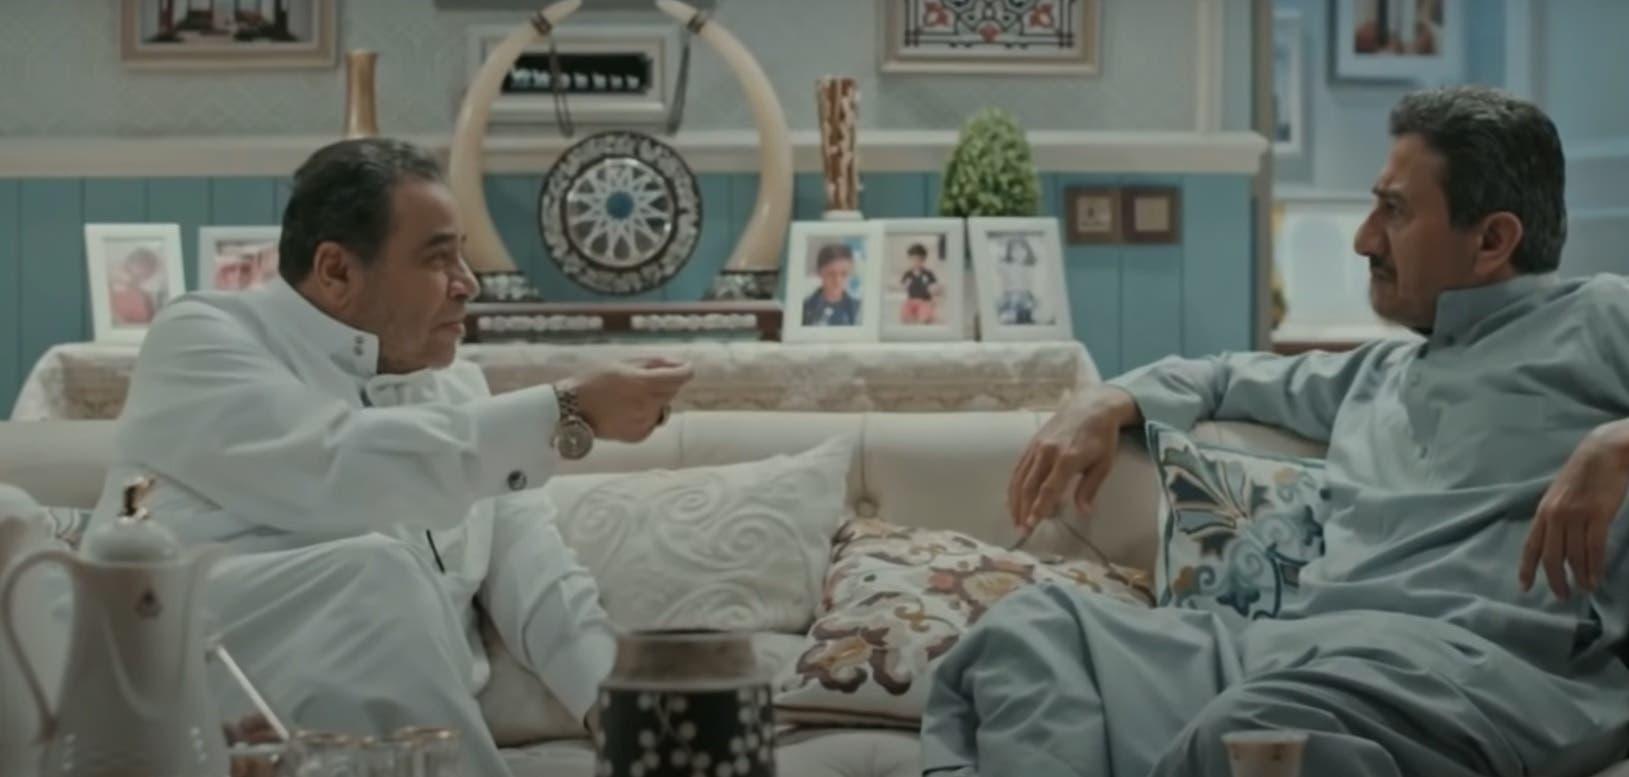 Rashid al-Shamrani and Nasser al-Qasabi (R) on Makhraj 7. (Screengrab)